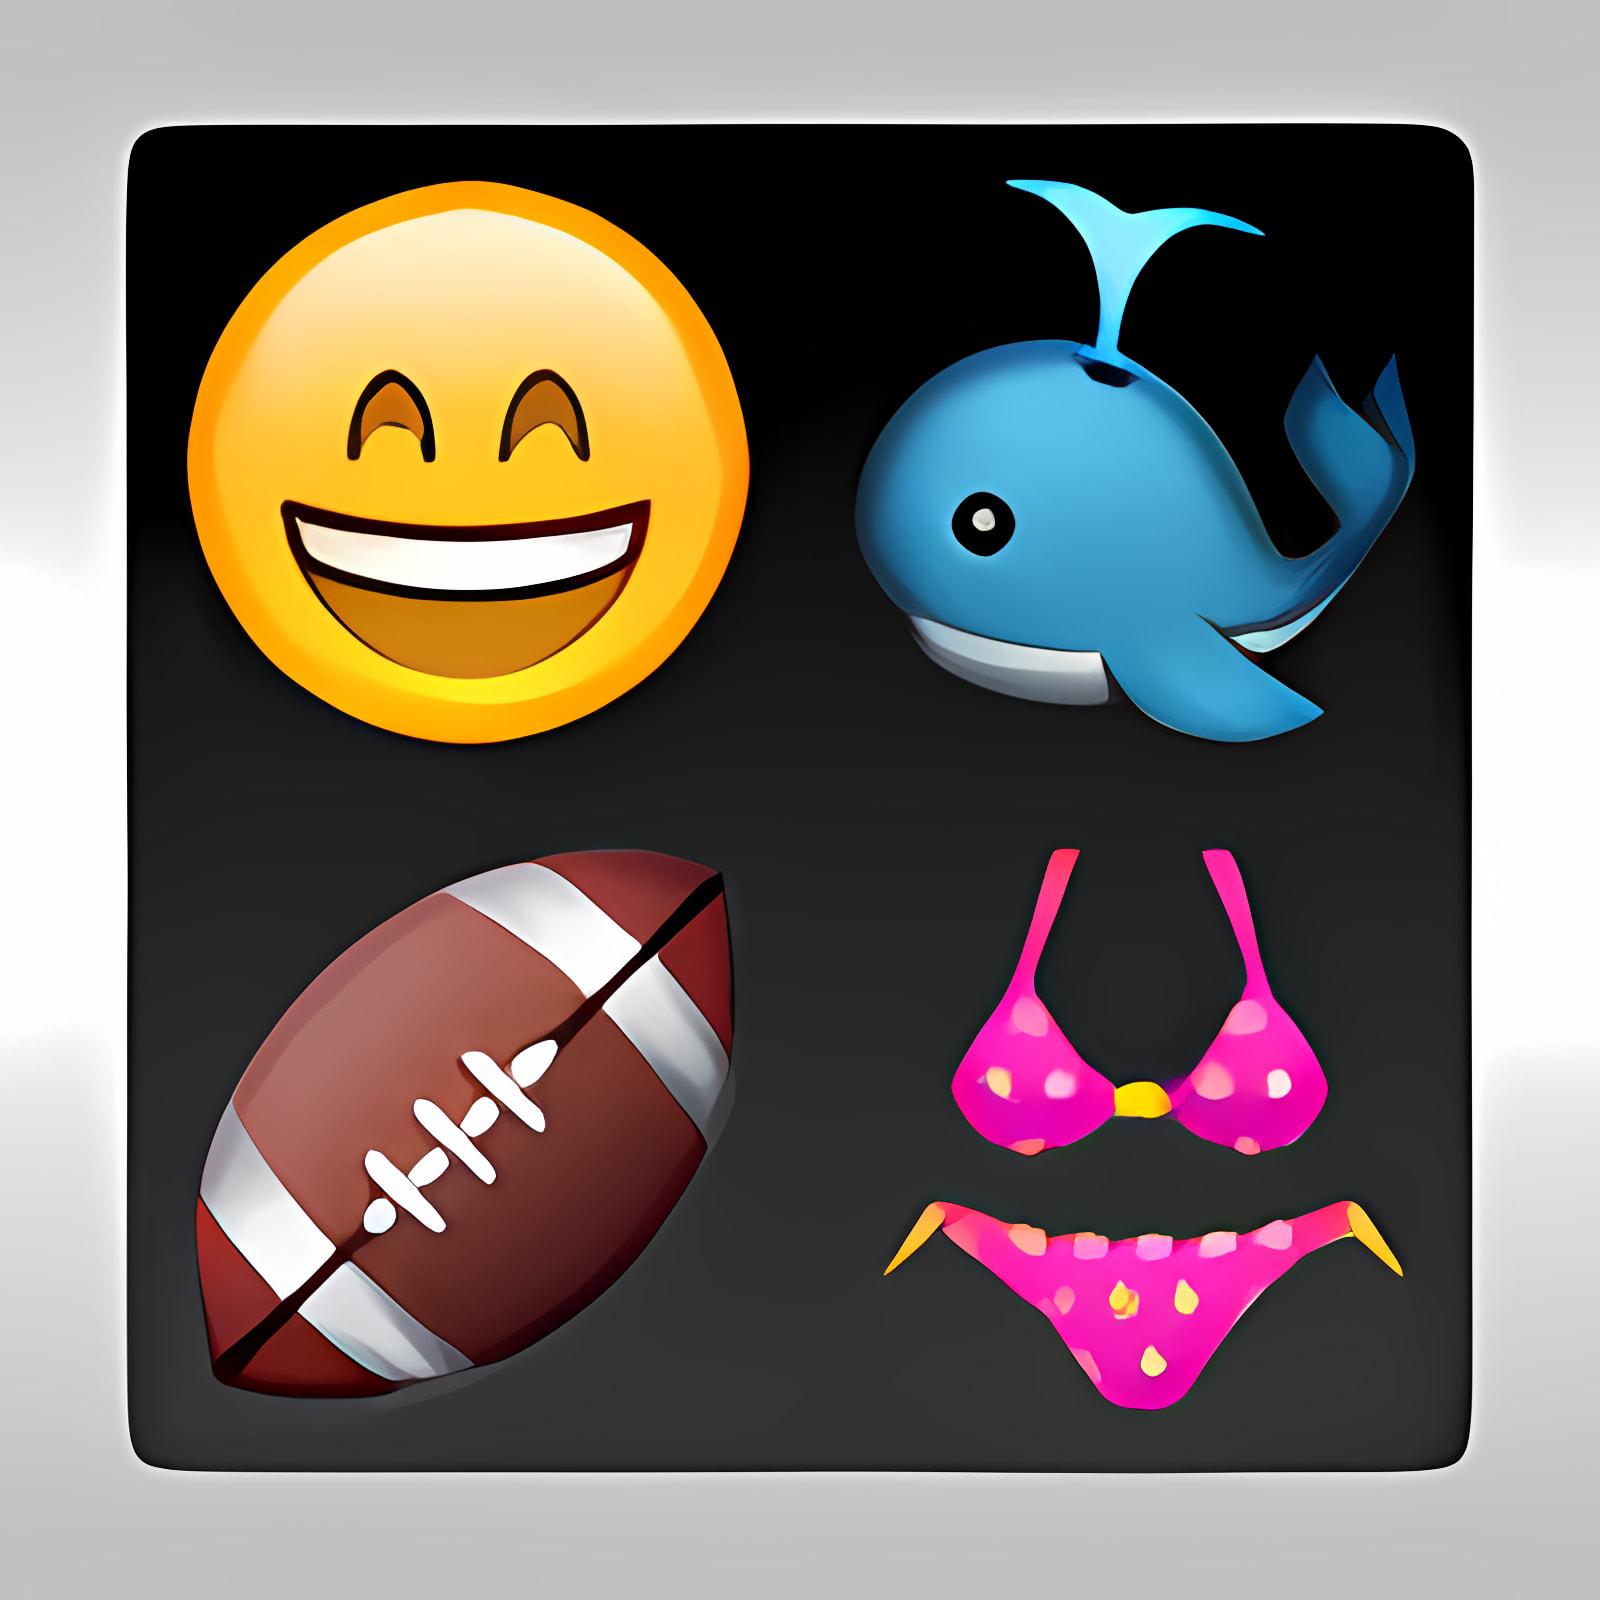 Emoji 4.3